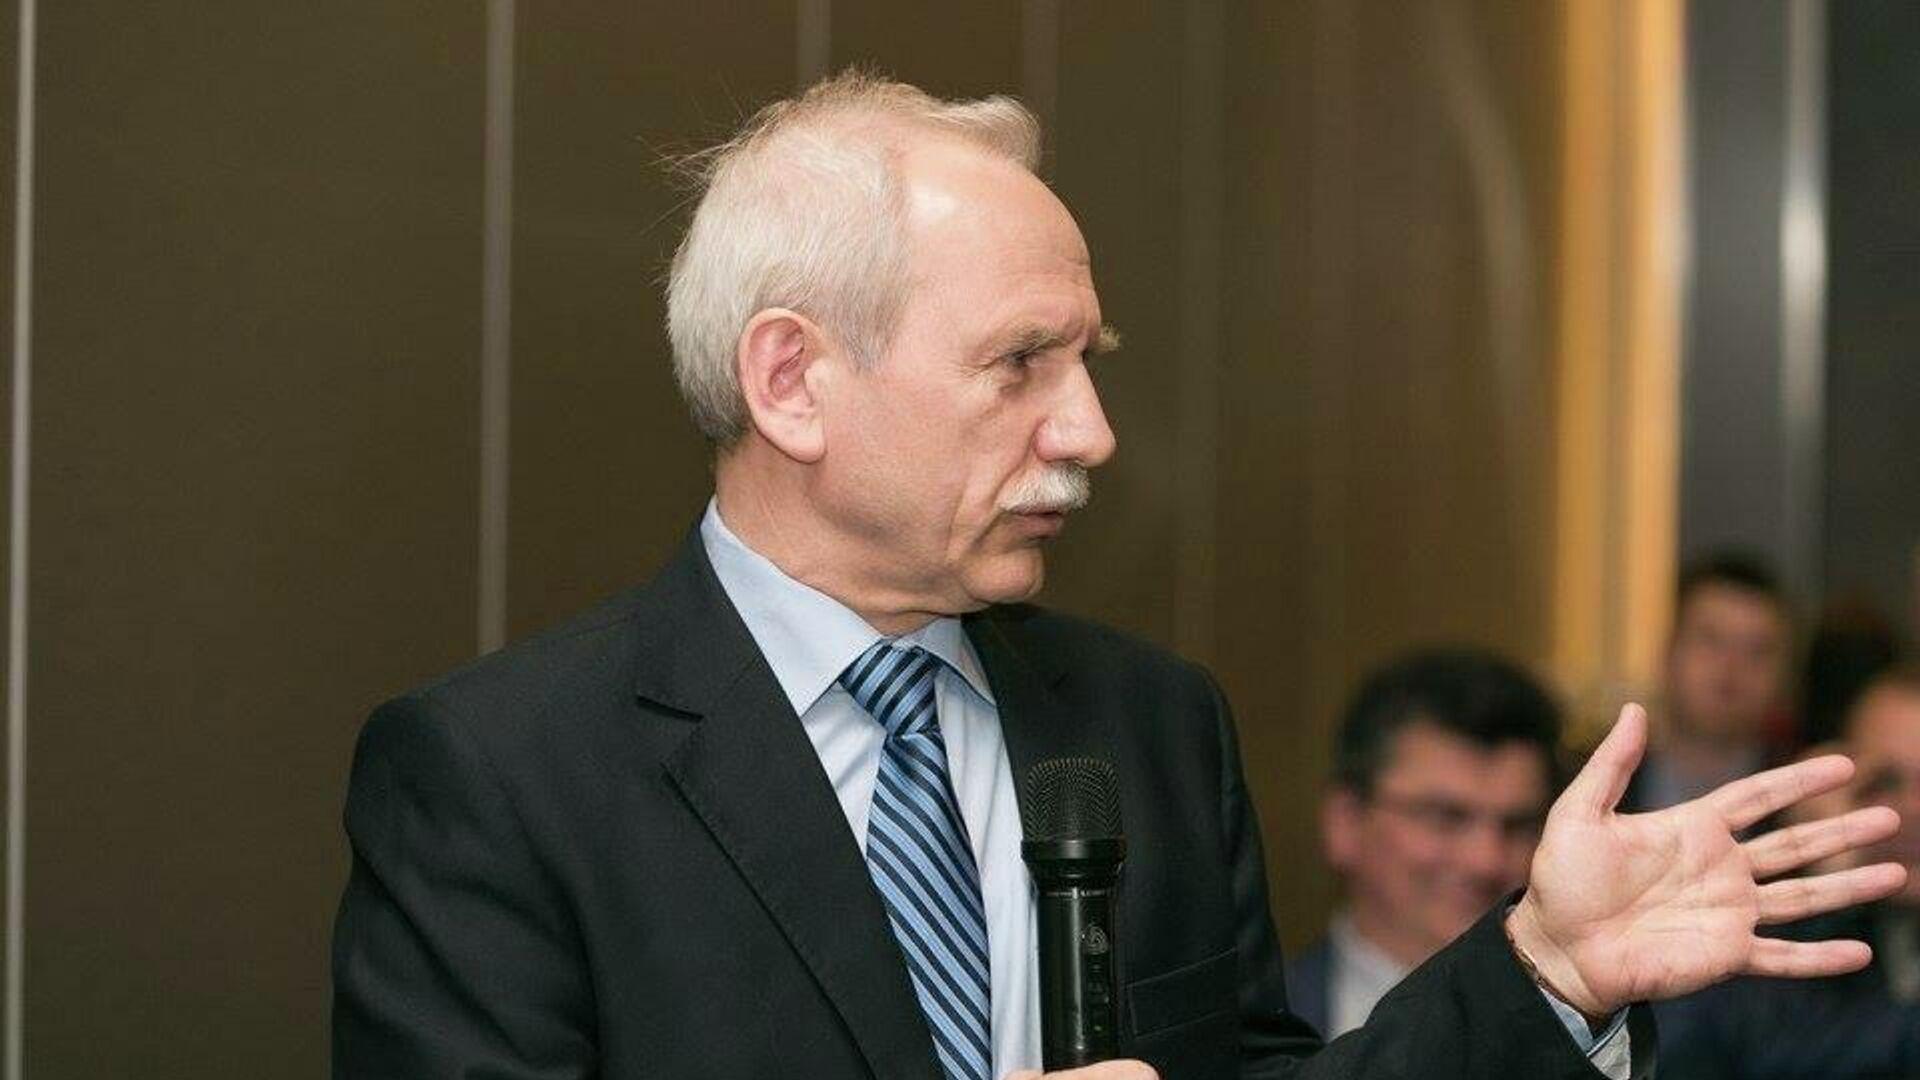 Walerij Karbalewicz, białoruski politolog, historyk i publicysta - Sputnik Polska, 1920, 25.06.2021